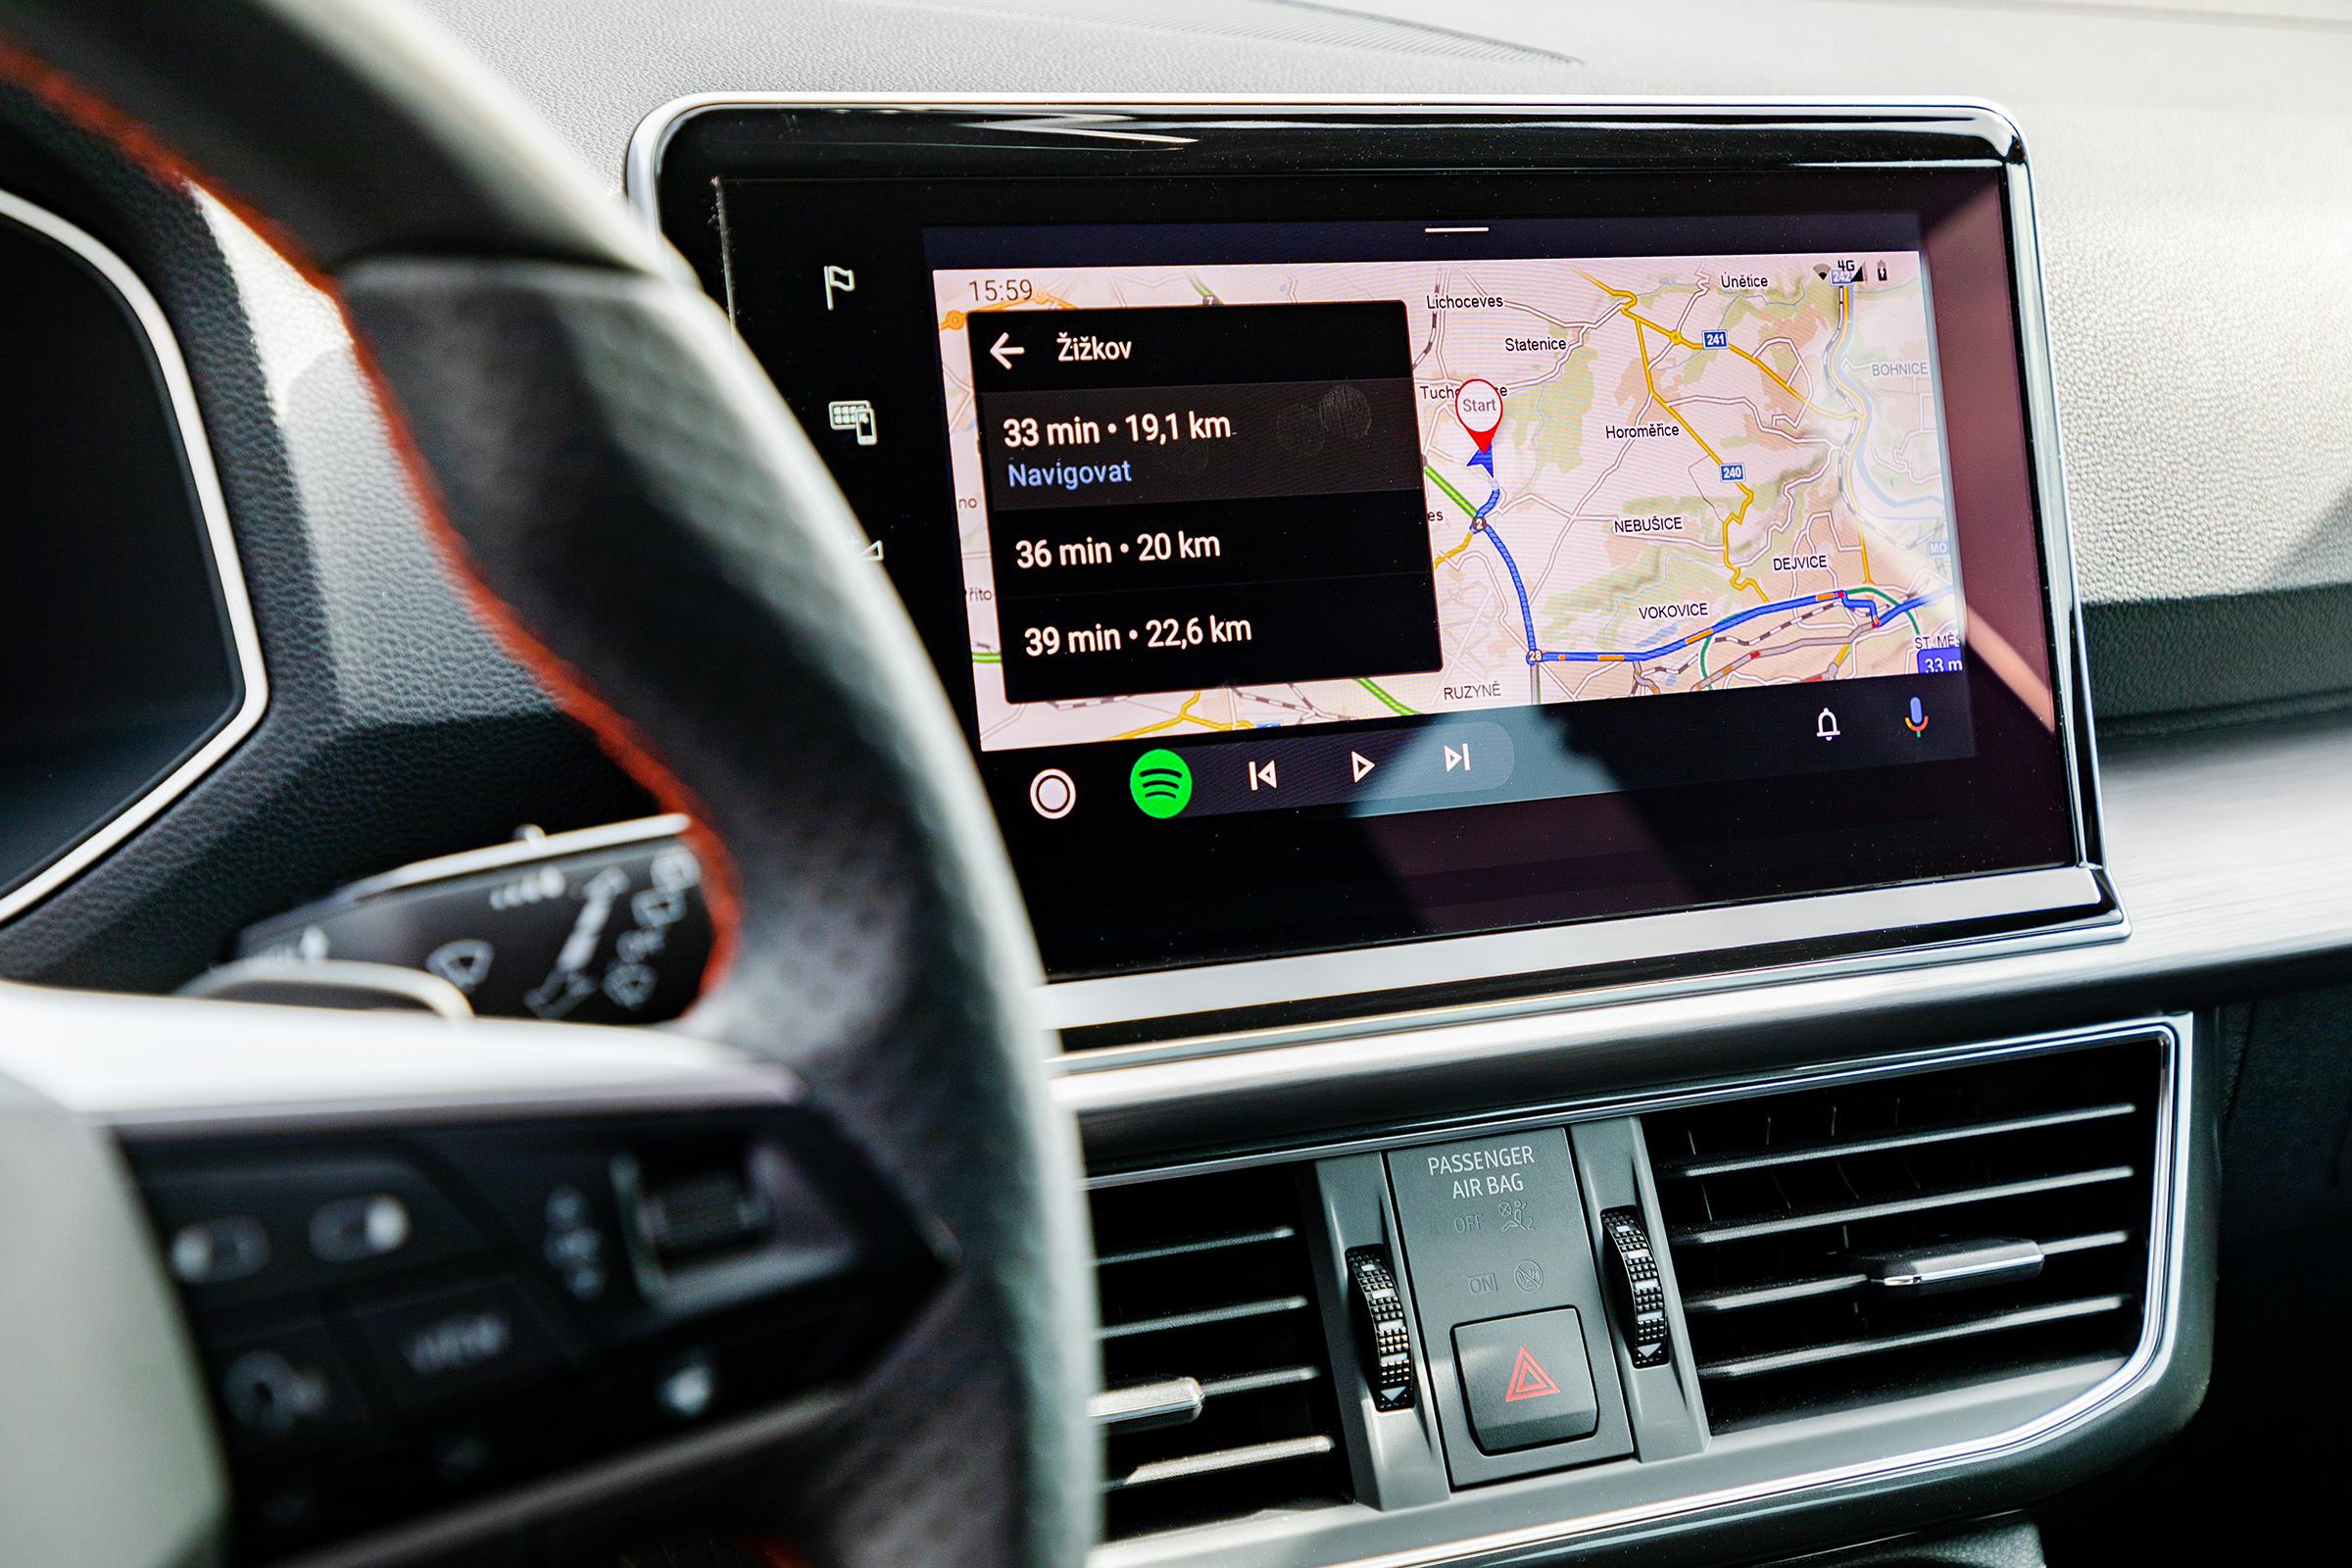 Mapy.cz oficiálně podporují Android Auto